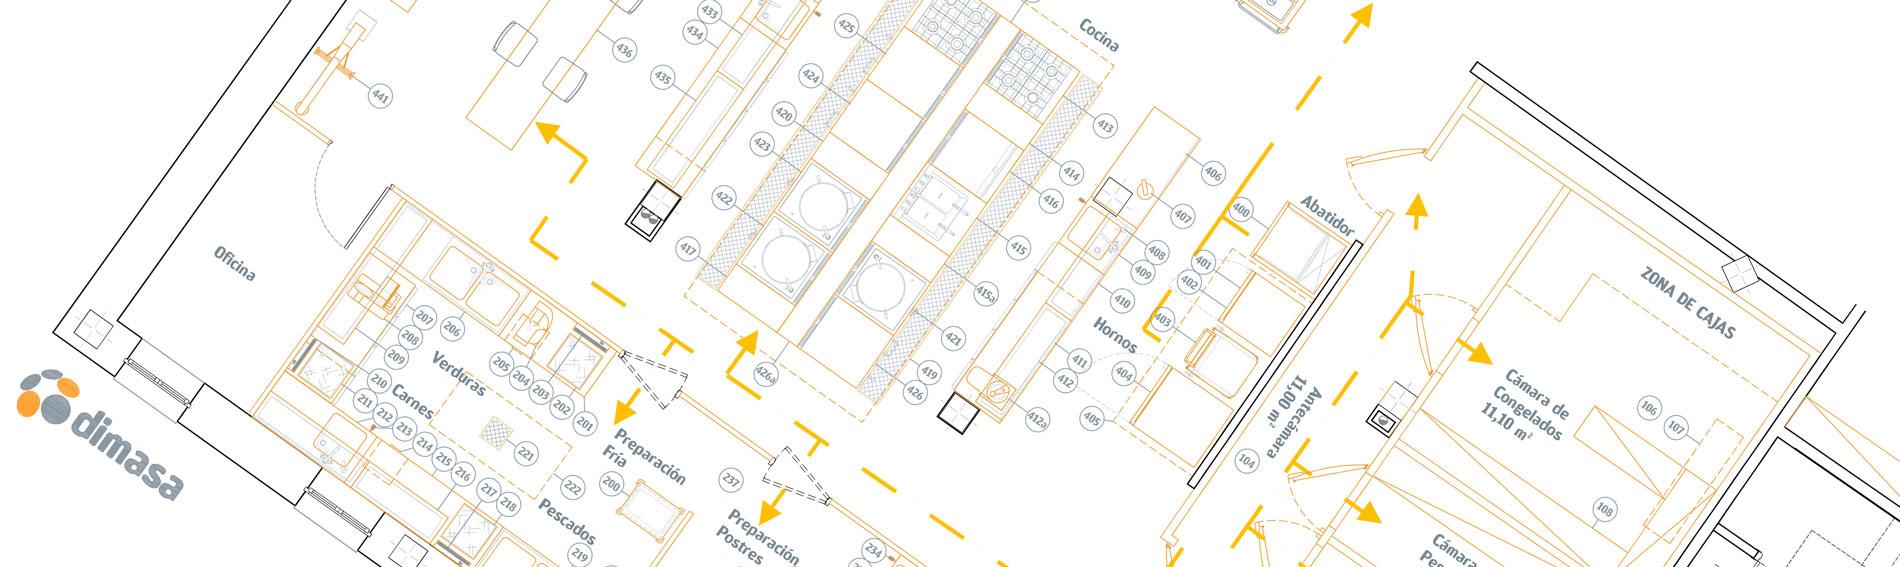 residencia mayores plano - Cocinas industriales